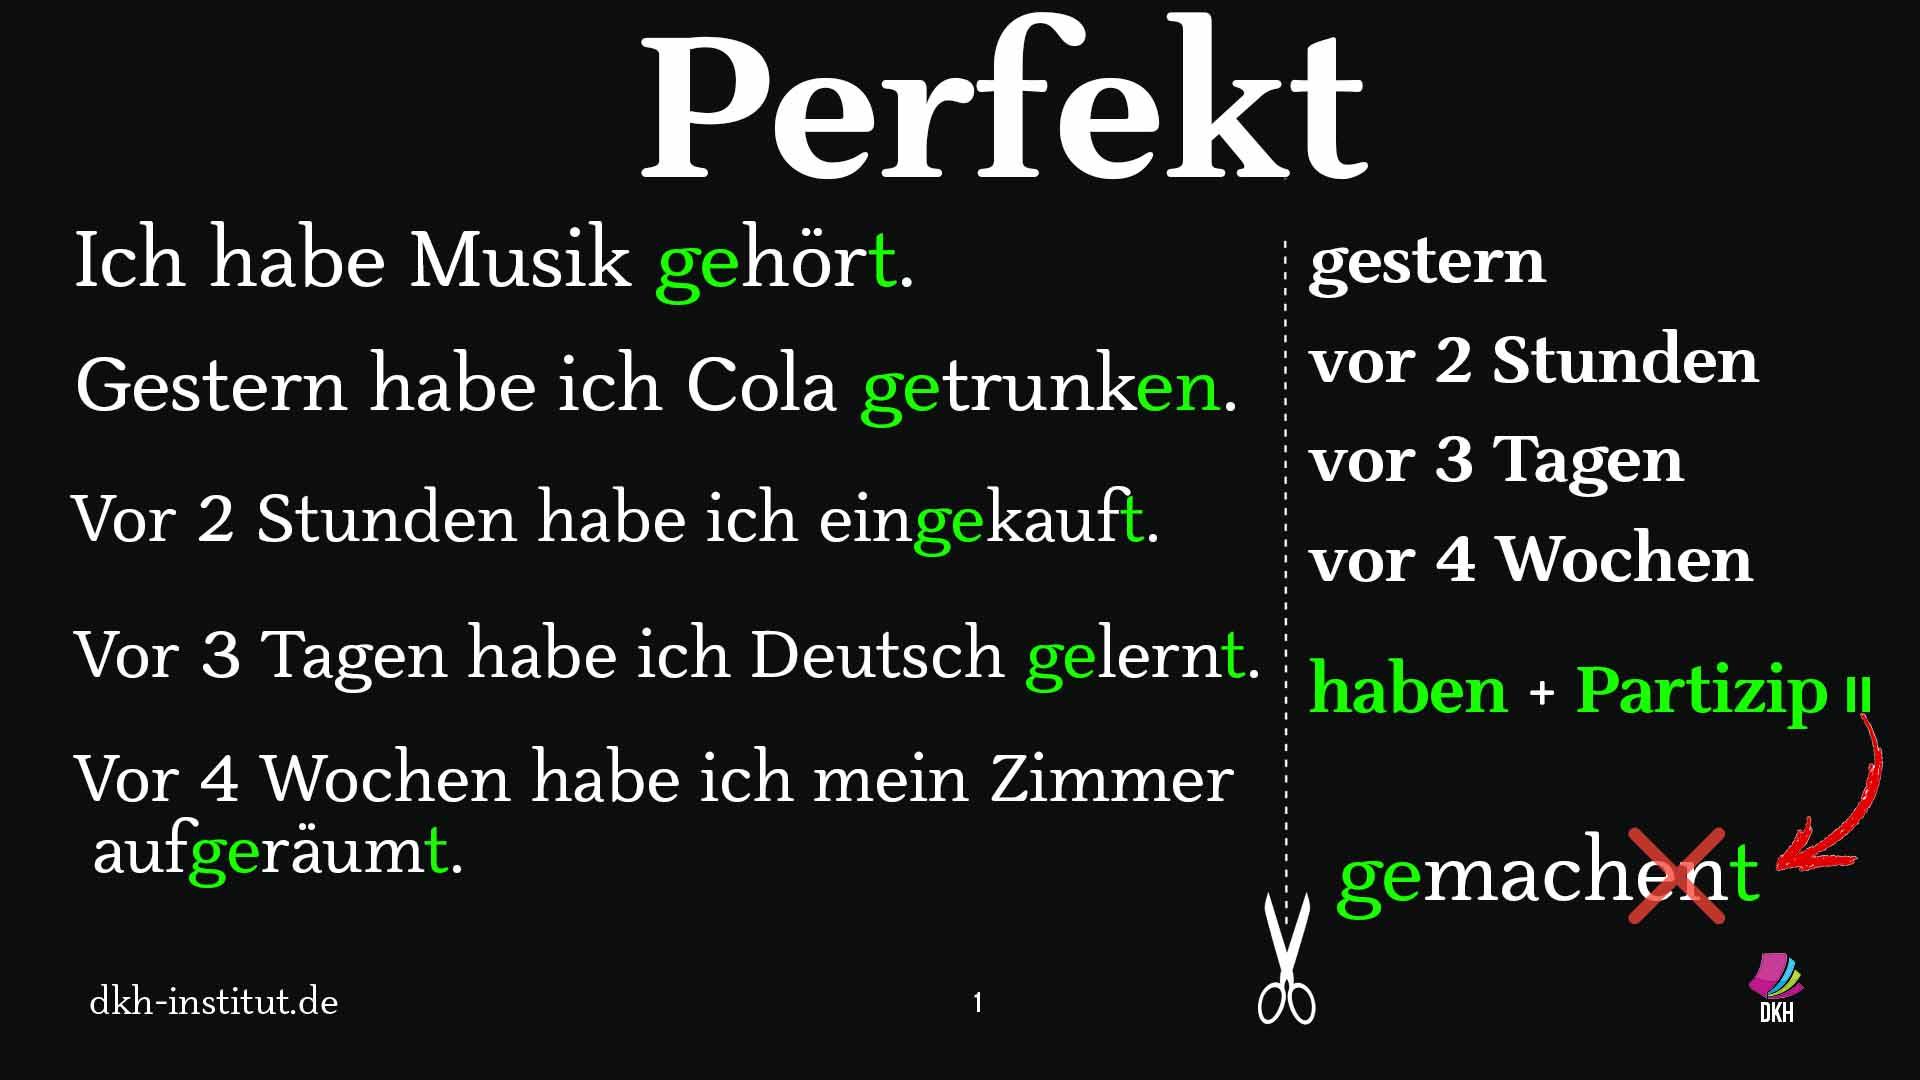 #perfekt